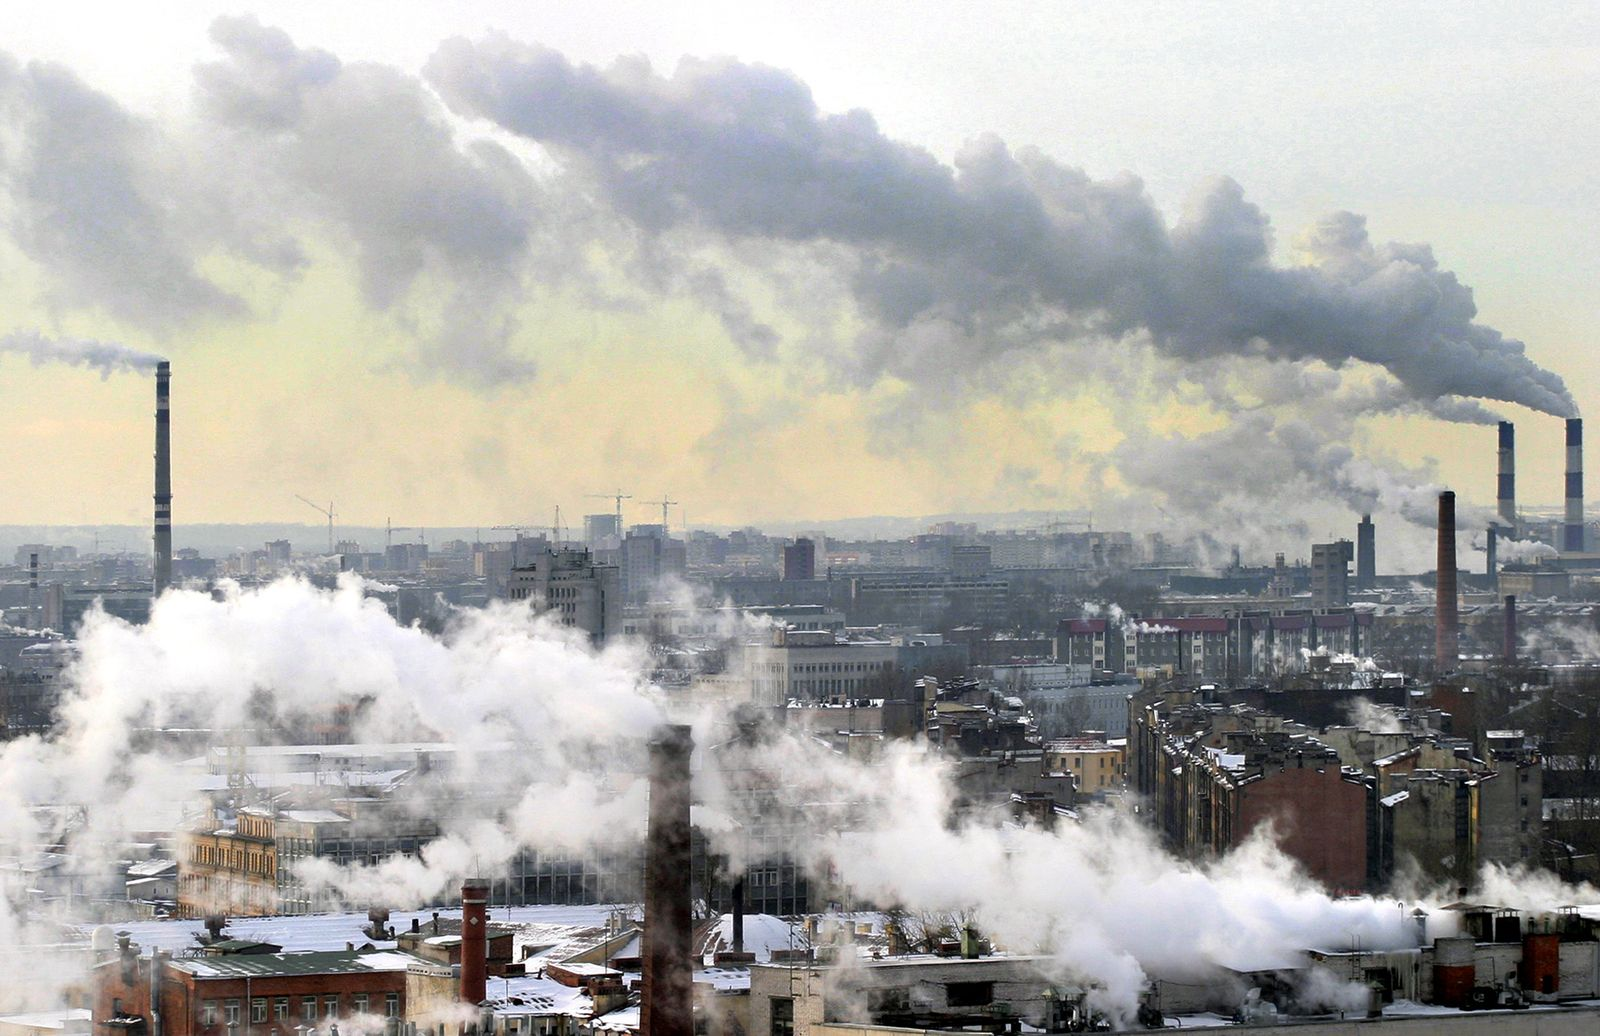 Umwelt / Luftverschmutzung / Emissionen / Abgase / Schornsteine / Rauch / CO2